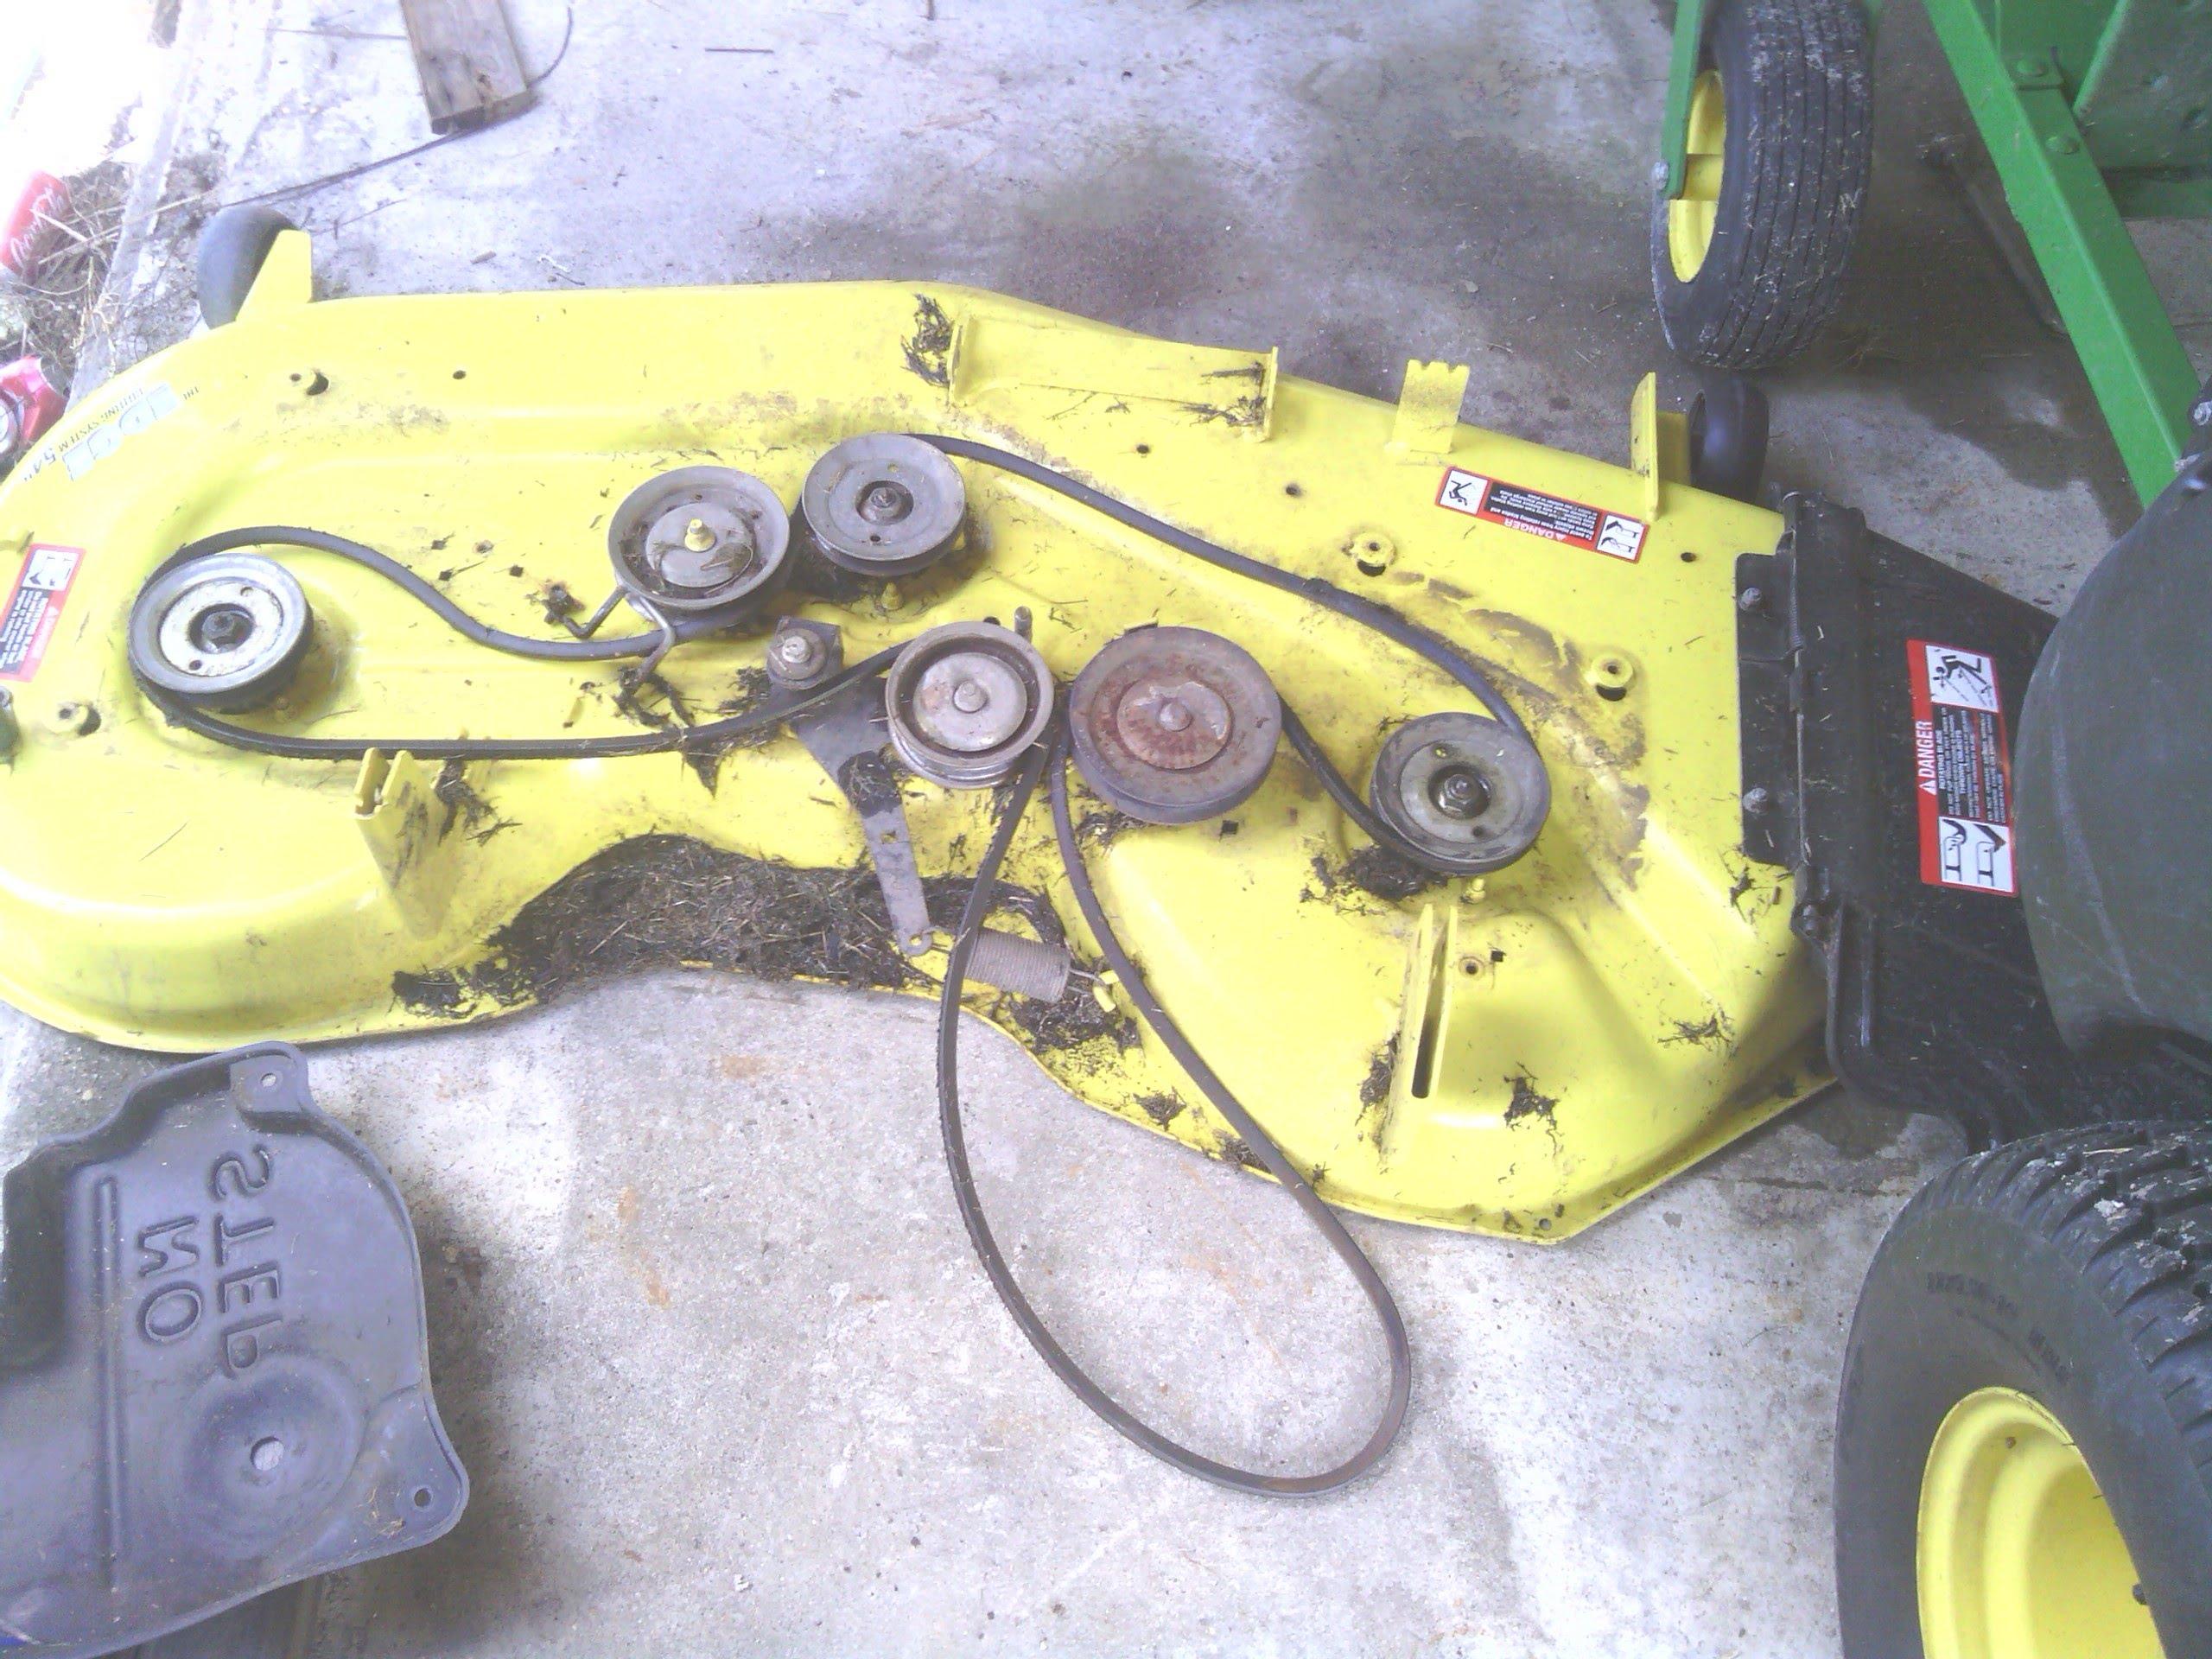 John Deere Traction Drive Belt For Eztrak Series With 48 Deck. 2014 John Deere 54 In Model Z425 Zeroturn Riding Mower. John Deere. John Deere L130 48 Inch Decks Pulley Diagrams At Scoala.co